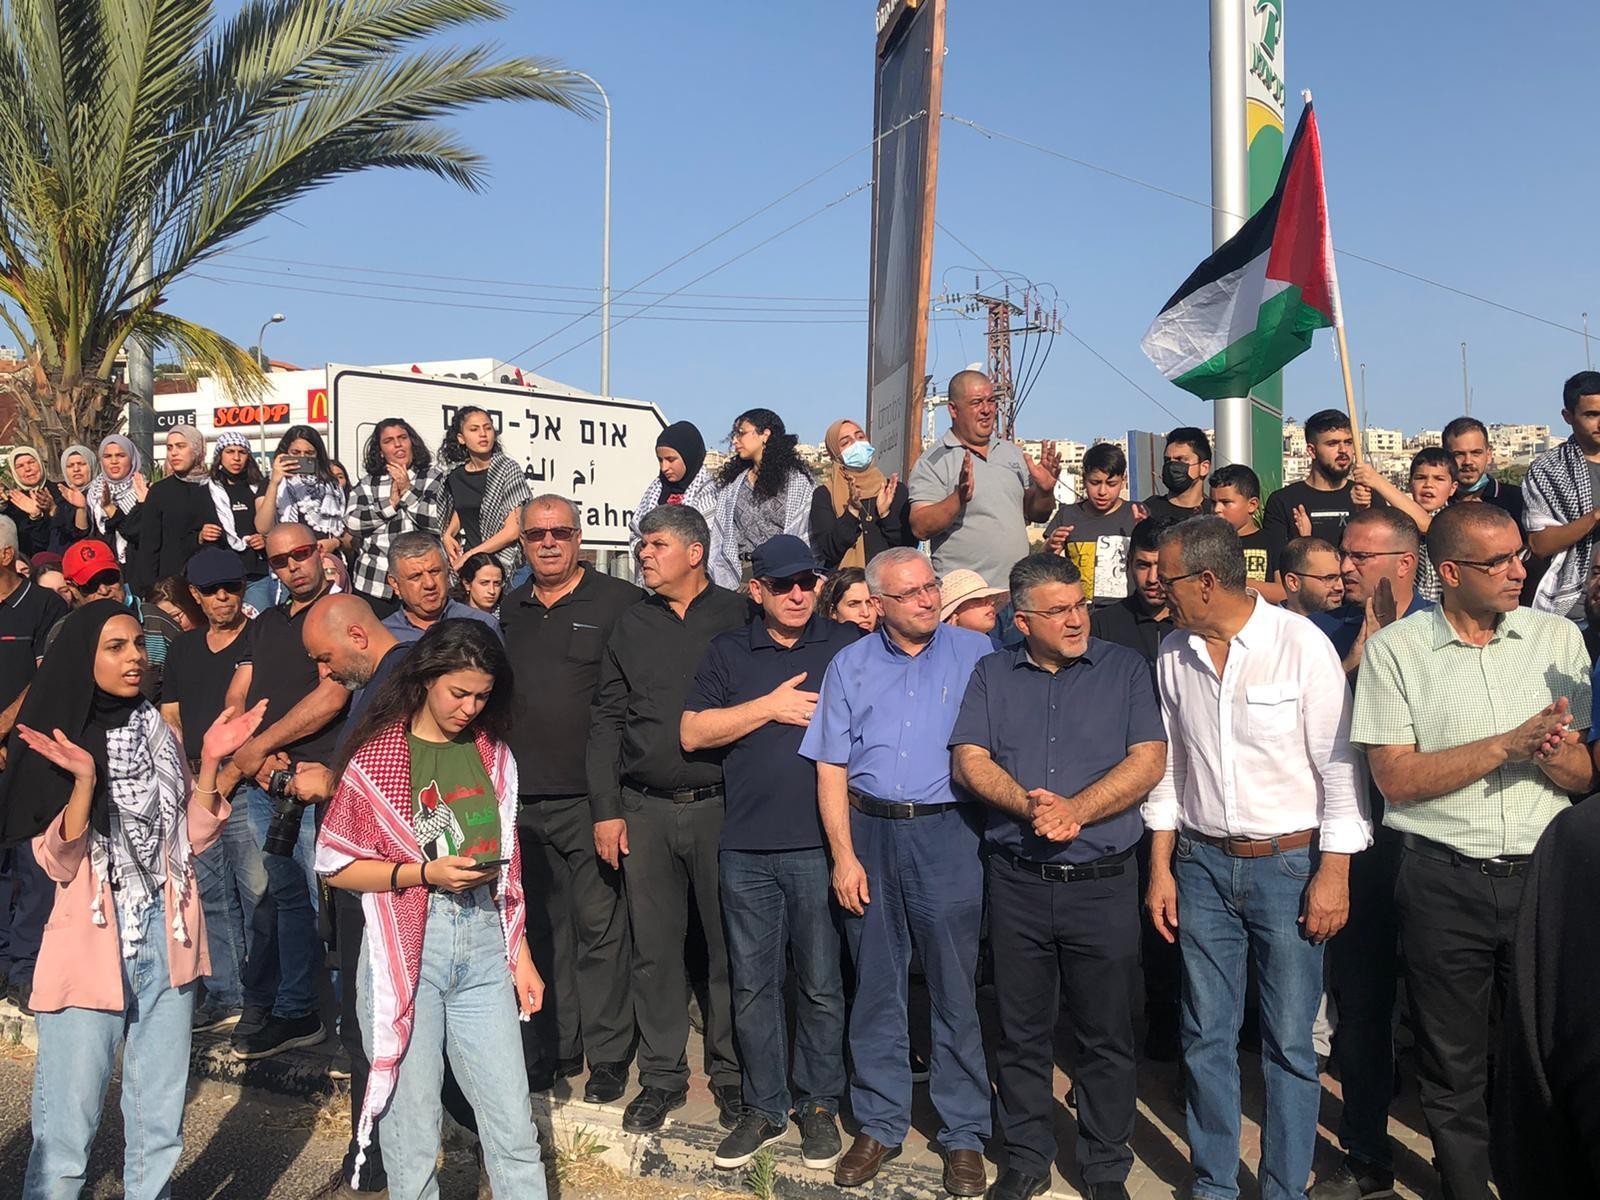 مظاهرات في بلدات عربية تلتحم مع القدس المحتلة